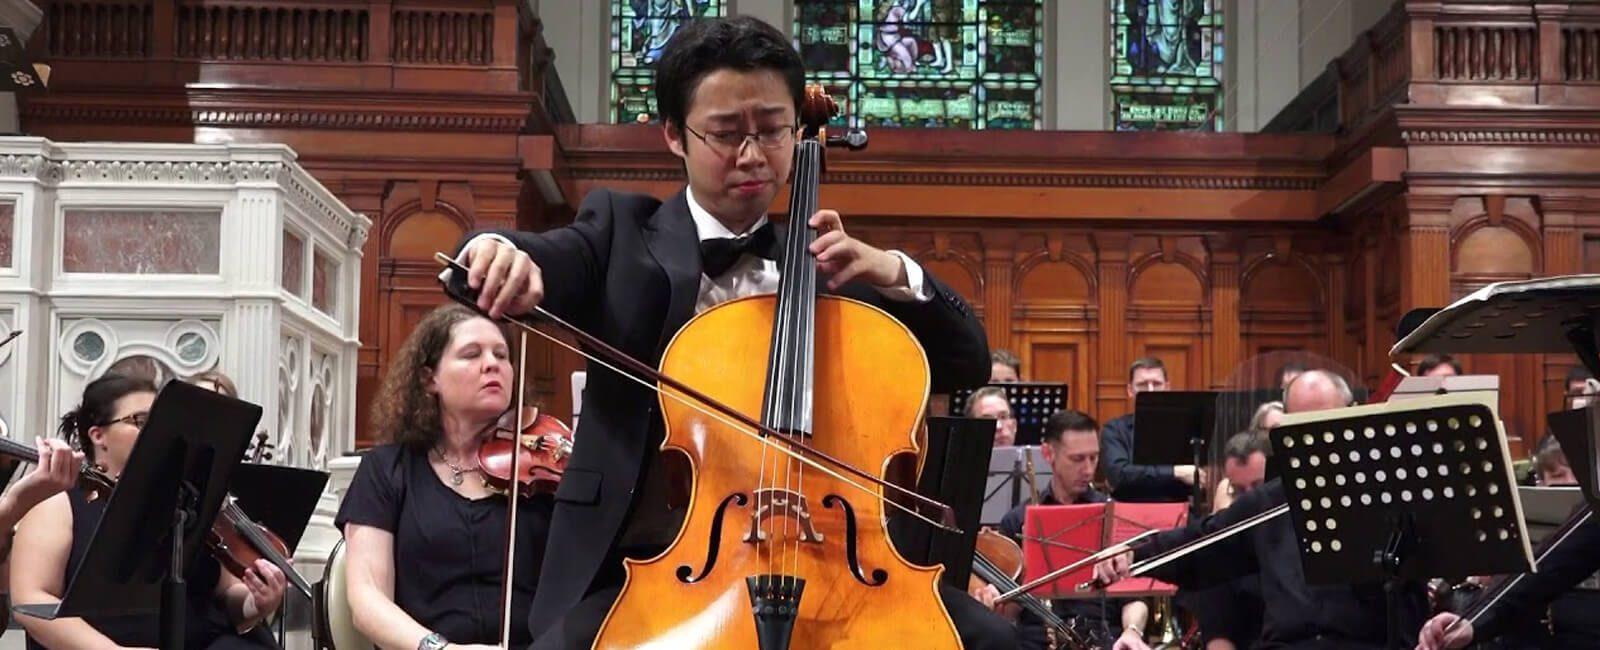 Cellist - George Yang